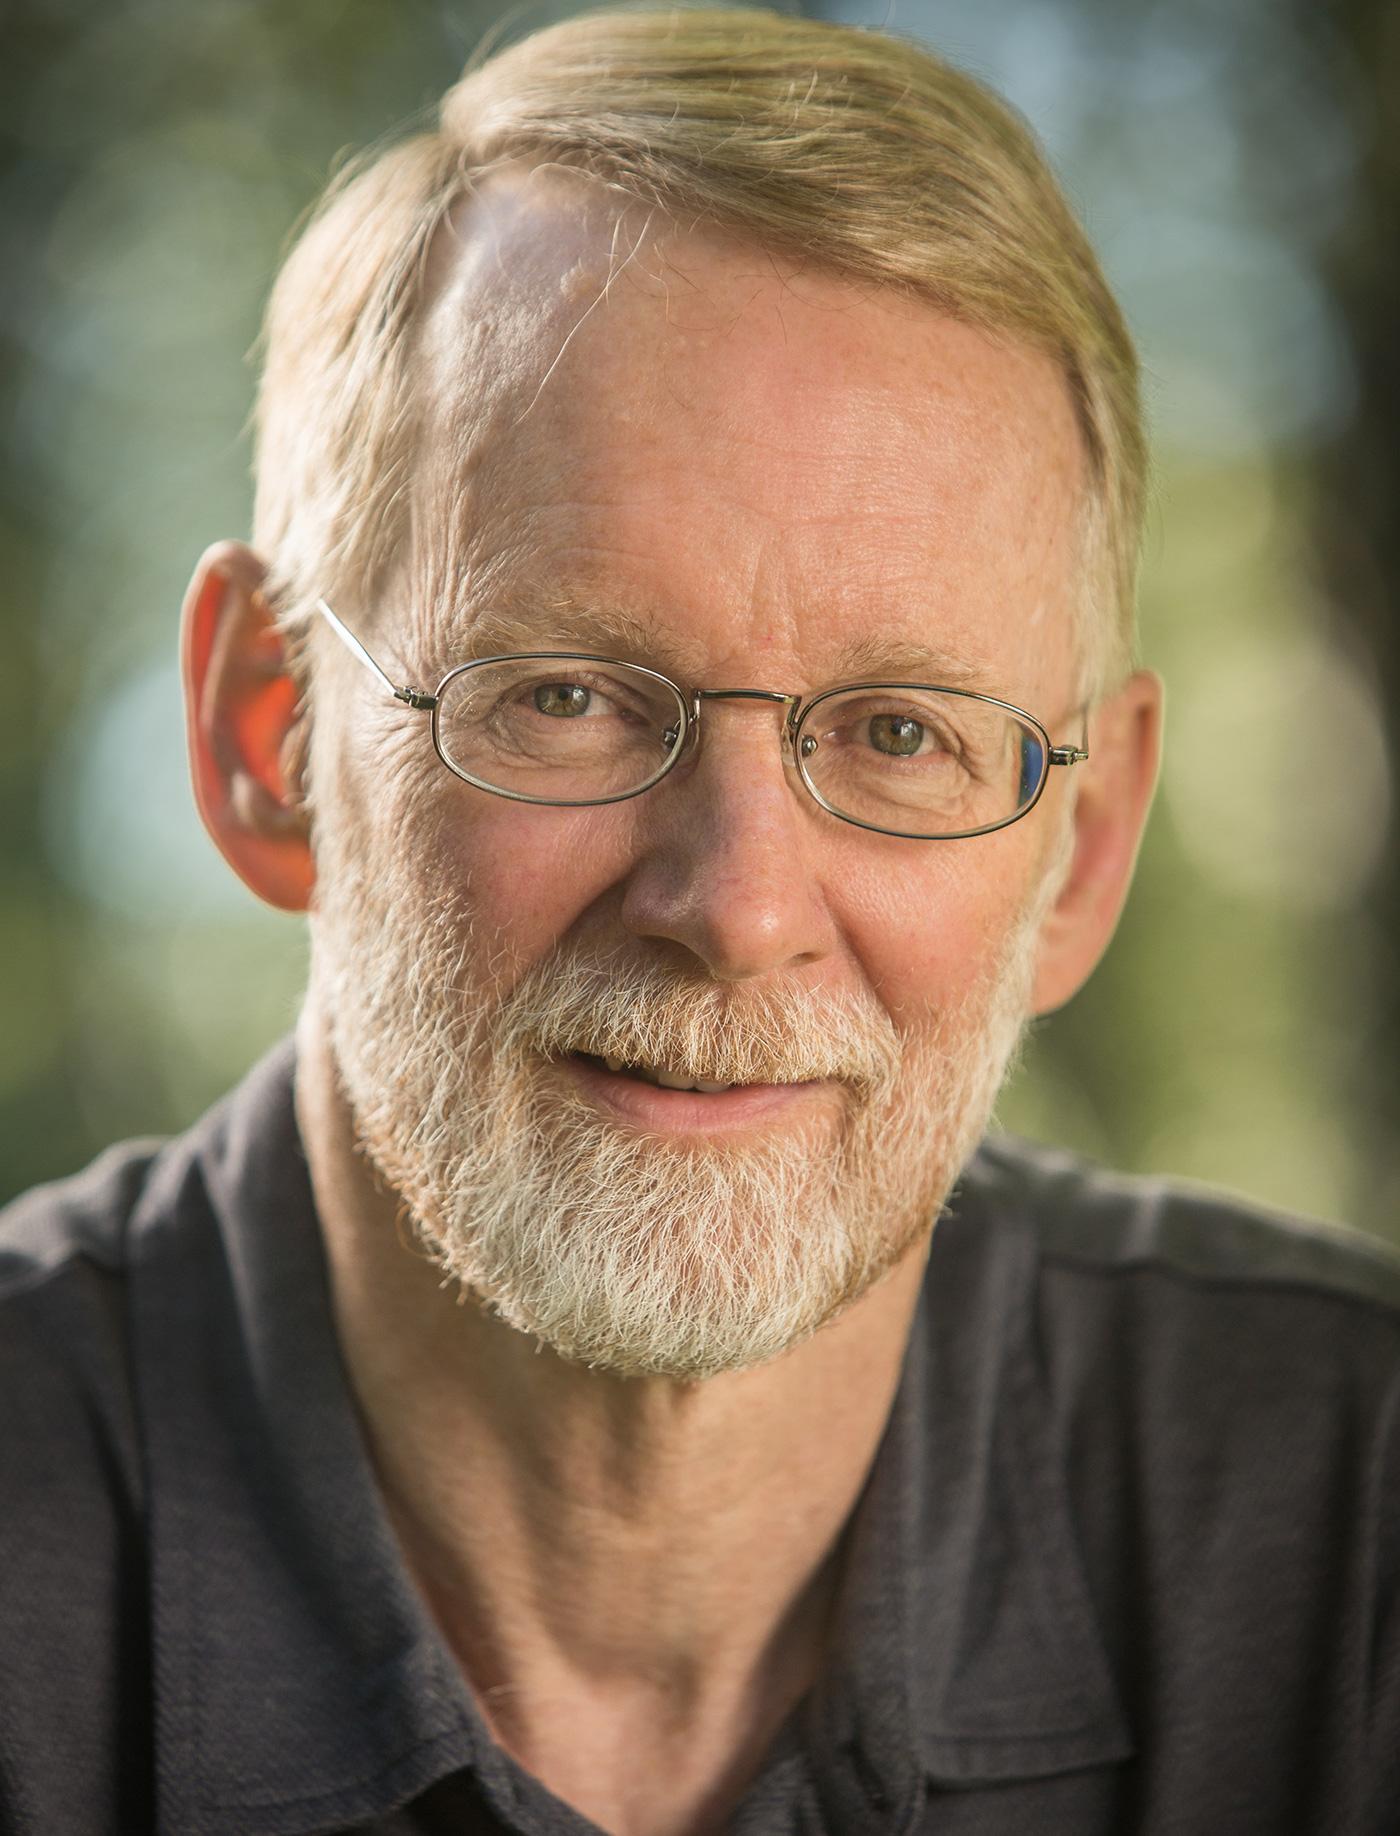 Mike Jens, Senior Advisor